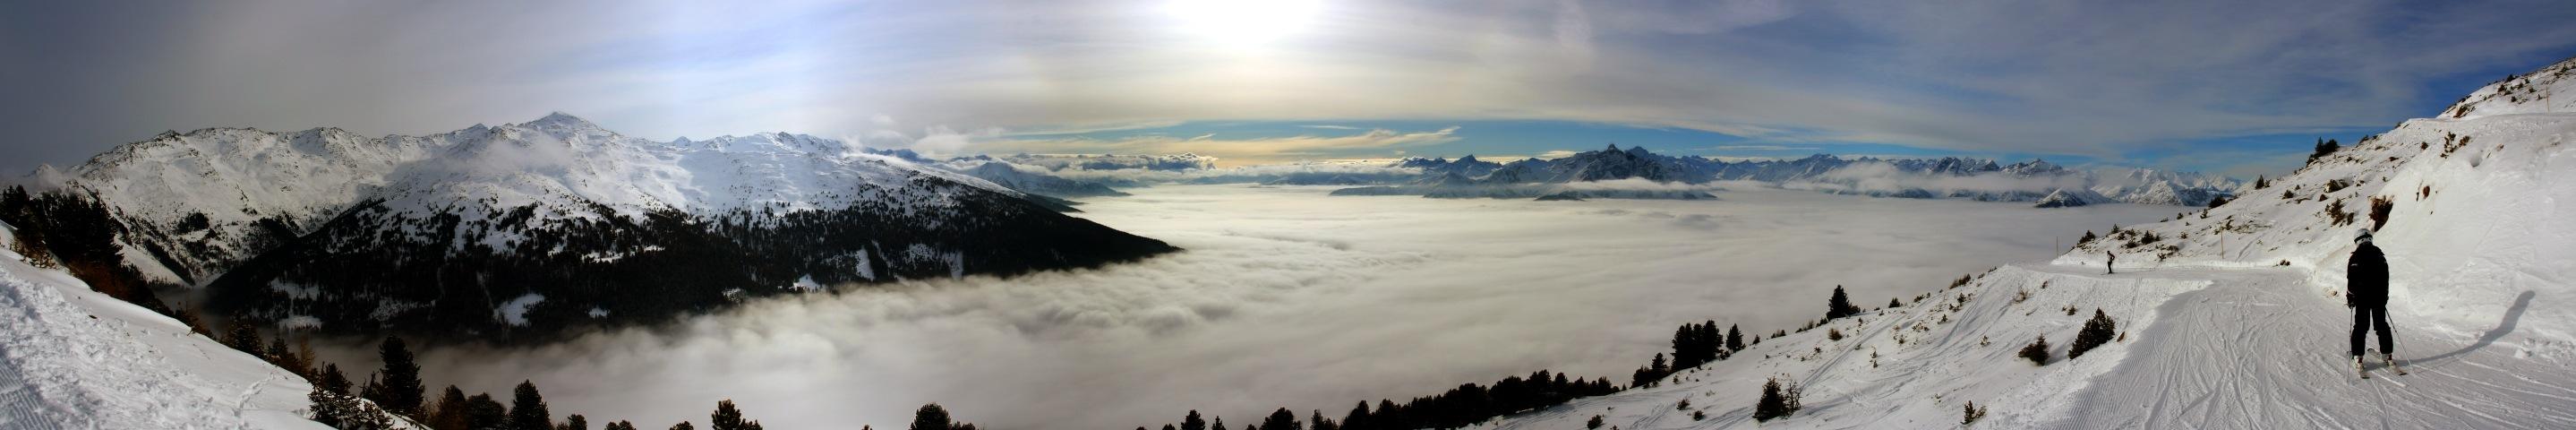 Panorama von der Patscherkofel Skiabfahrt. Ausblick von der Südseite ins Wipptal bei Hochnebel